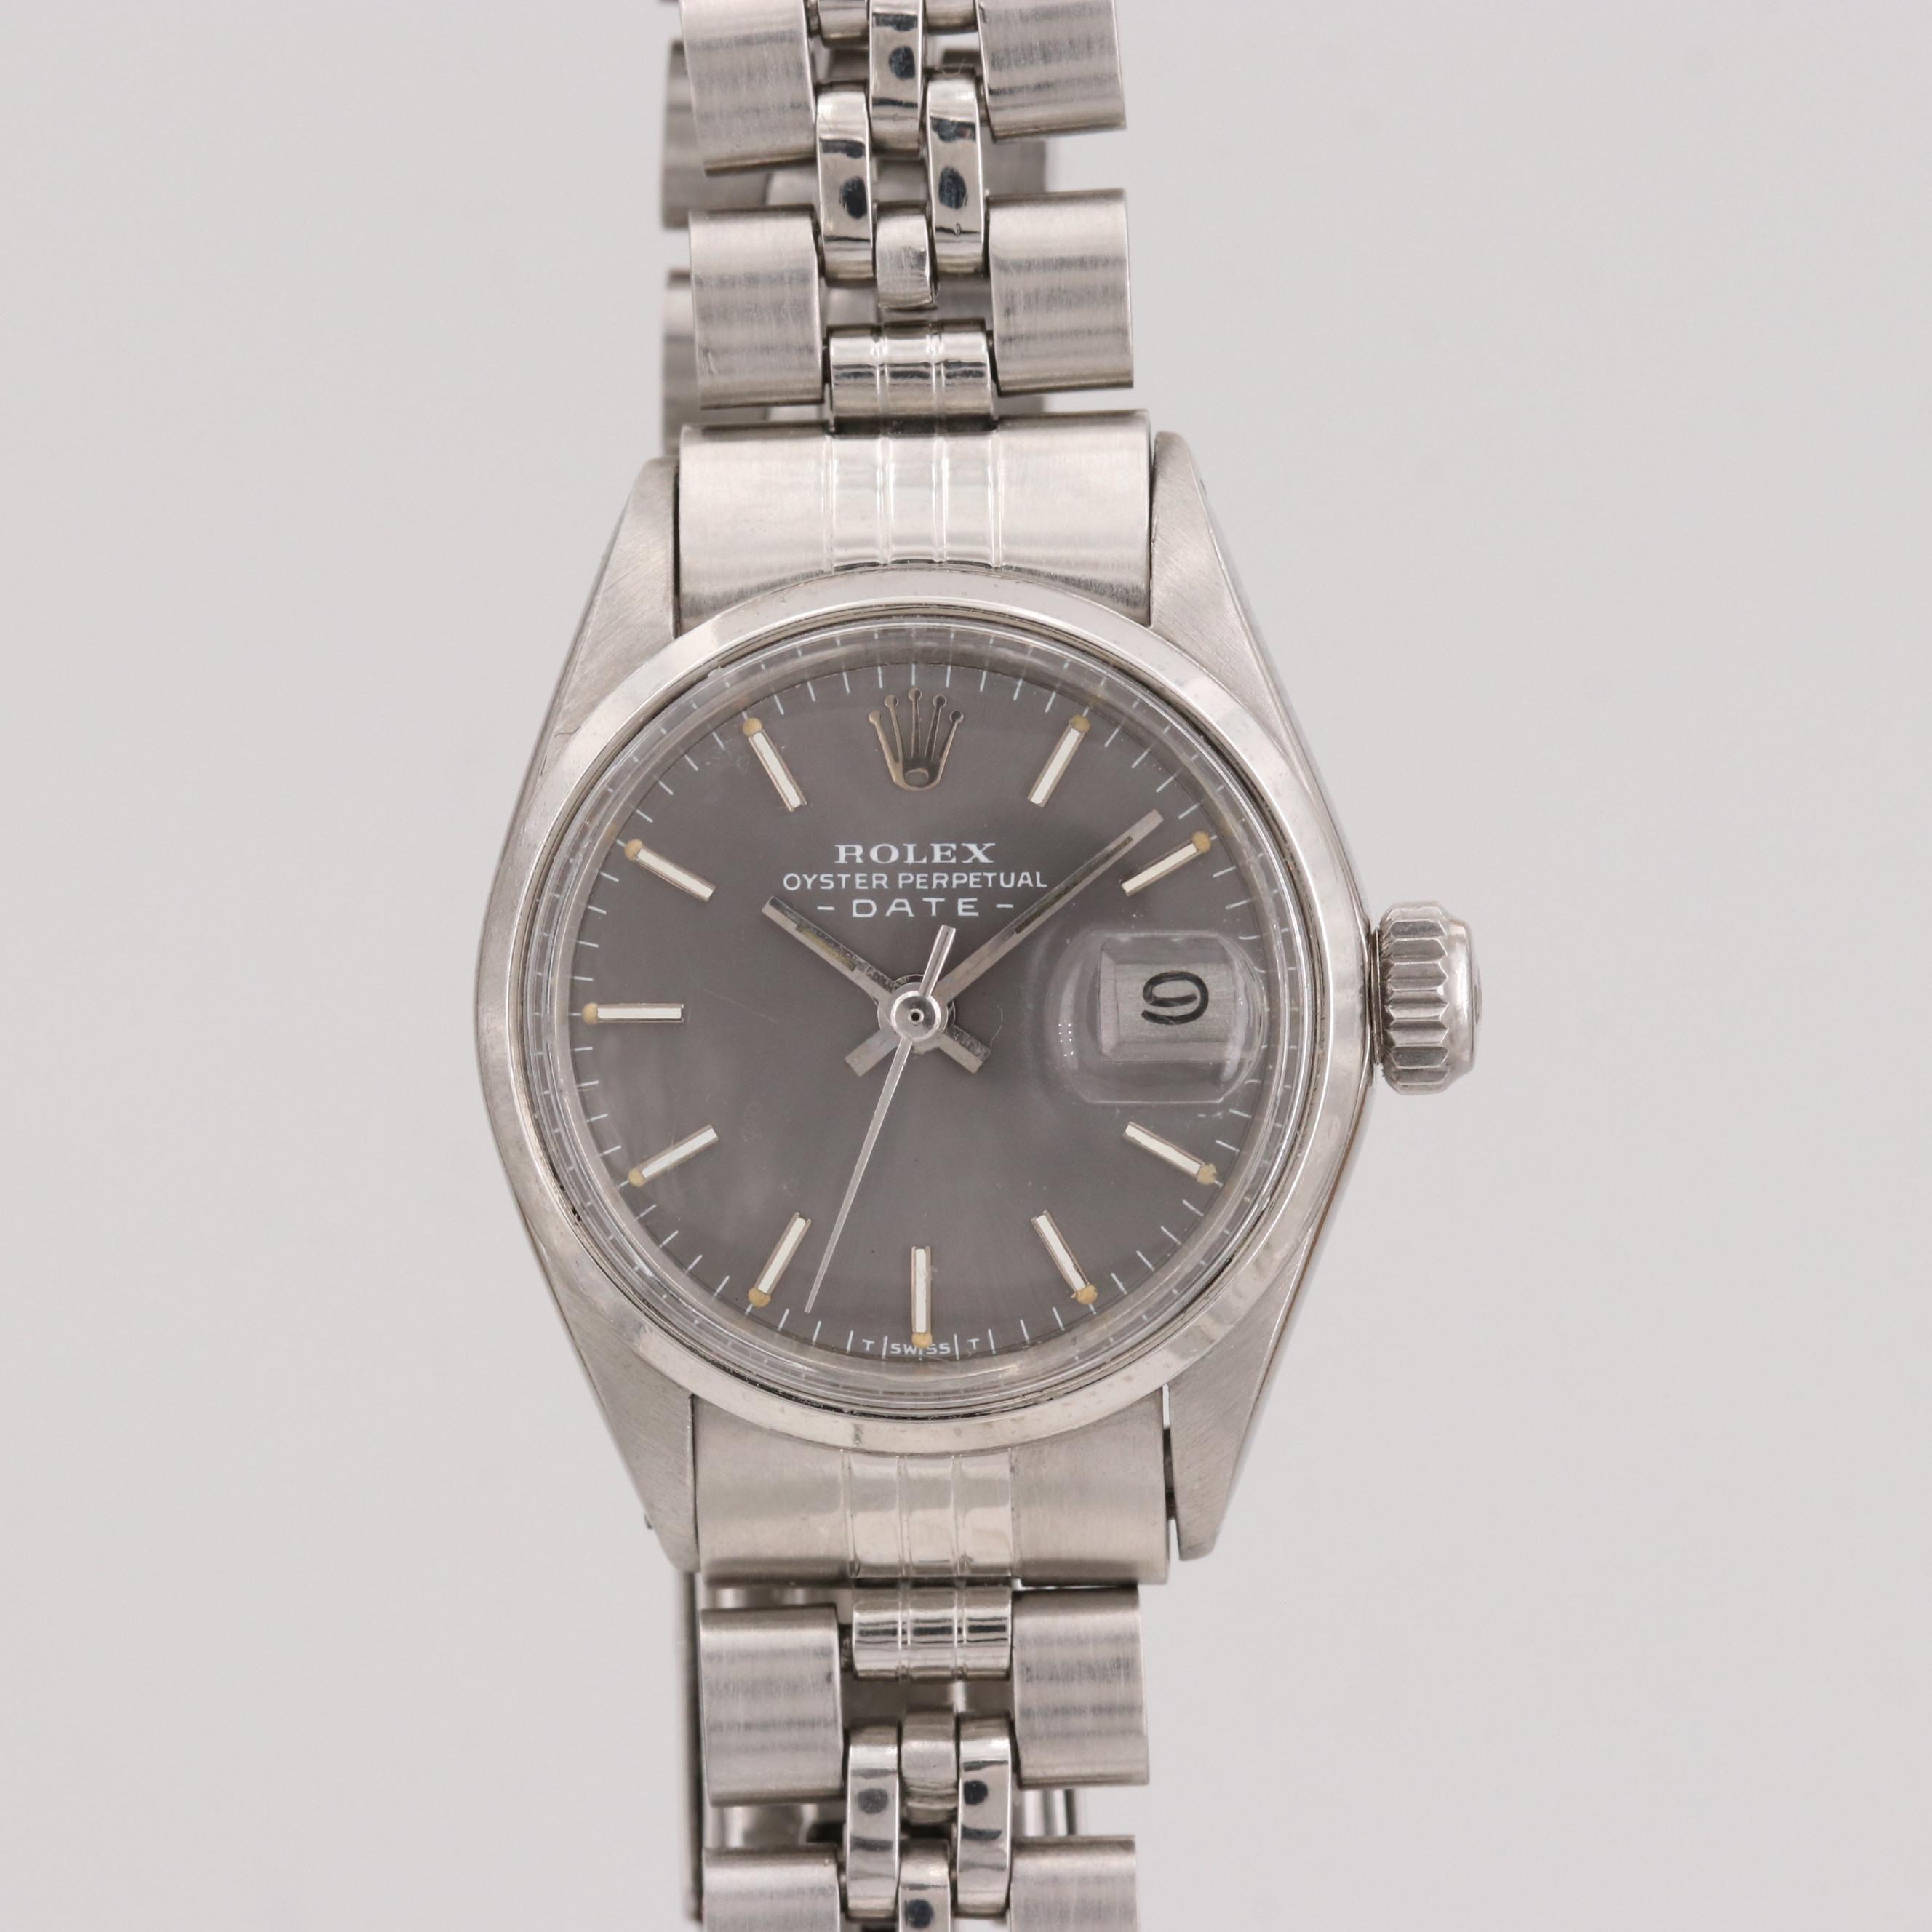 Vintage Rolex Date Sterling Silver Wristwatch, 1971